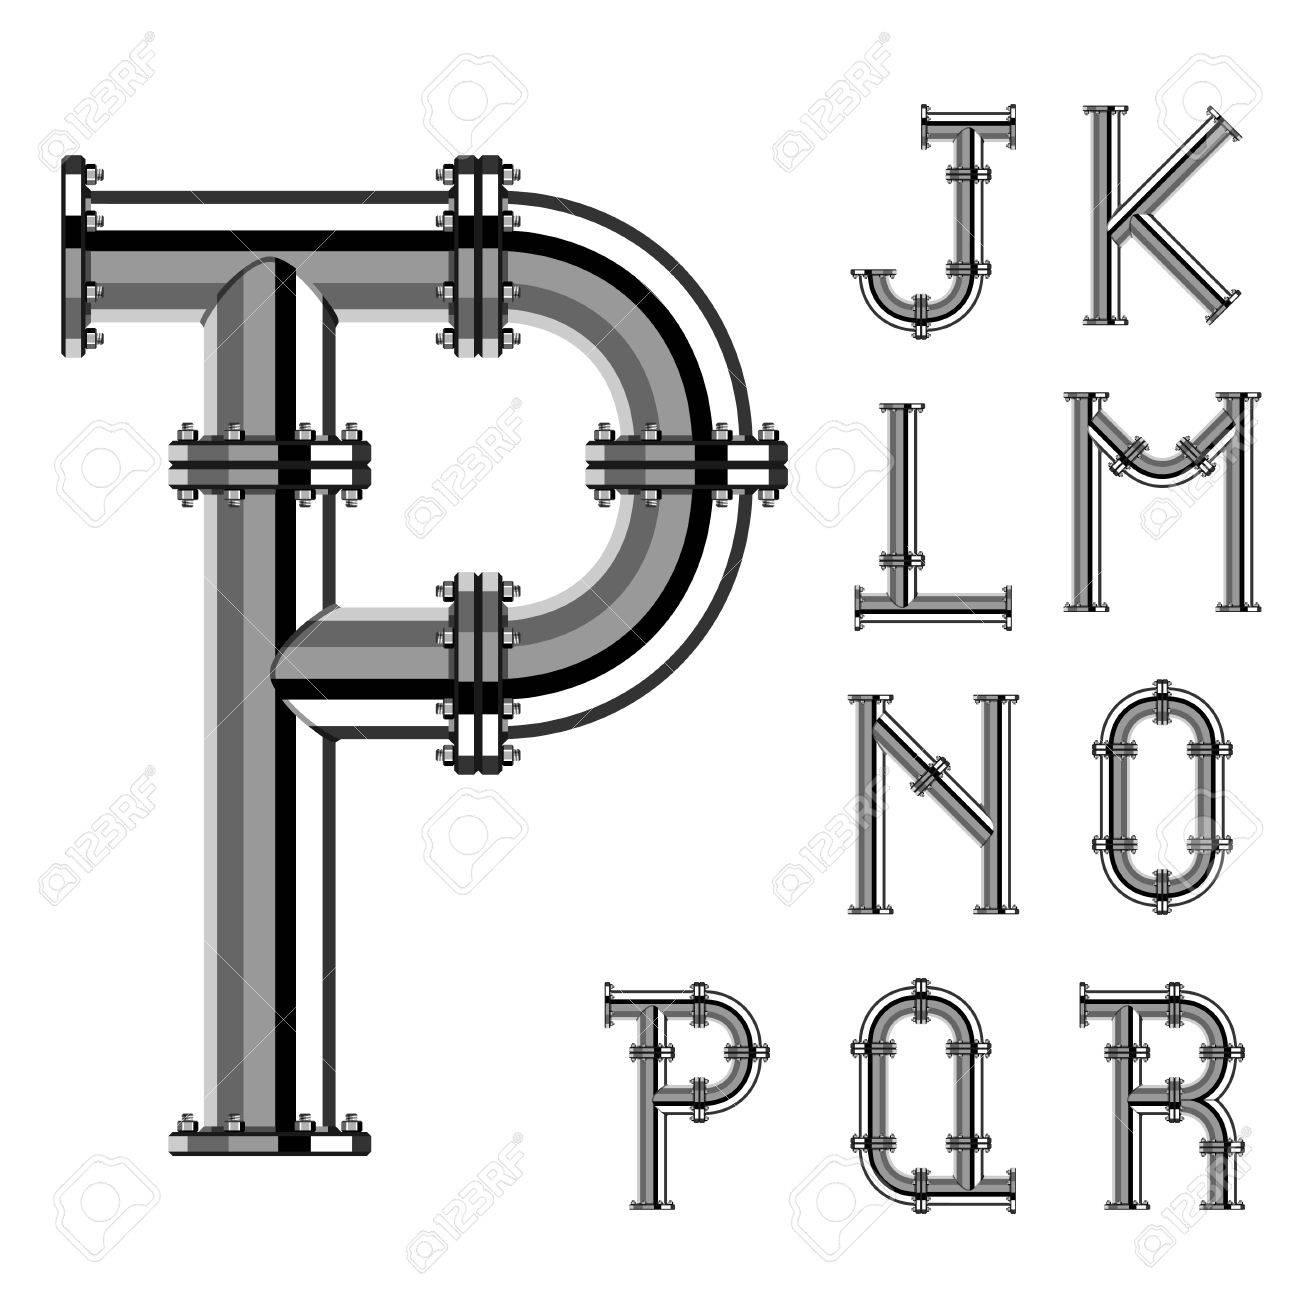 chrome pipe alphabet letters part 2 - 30023521